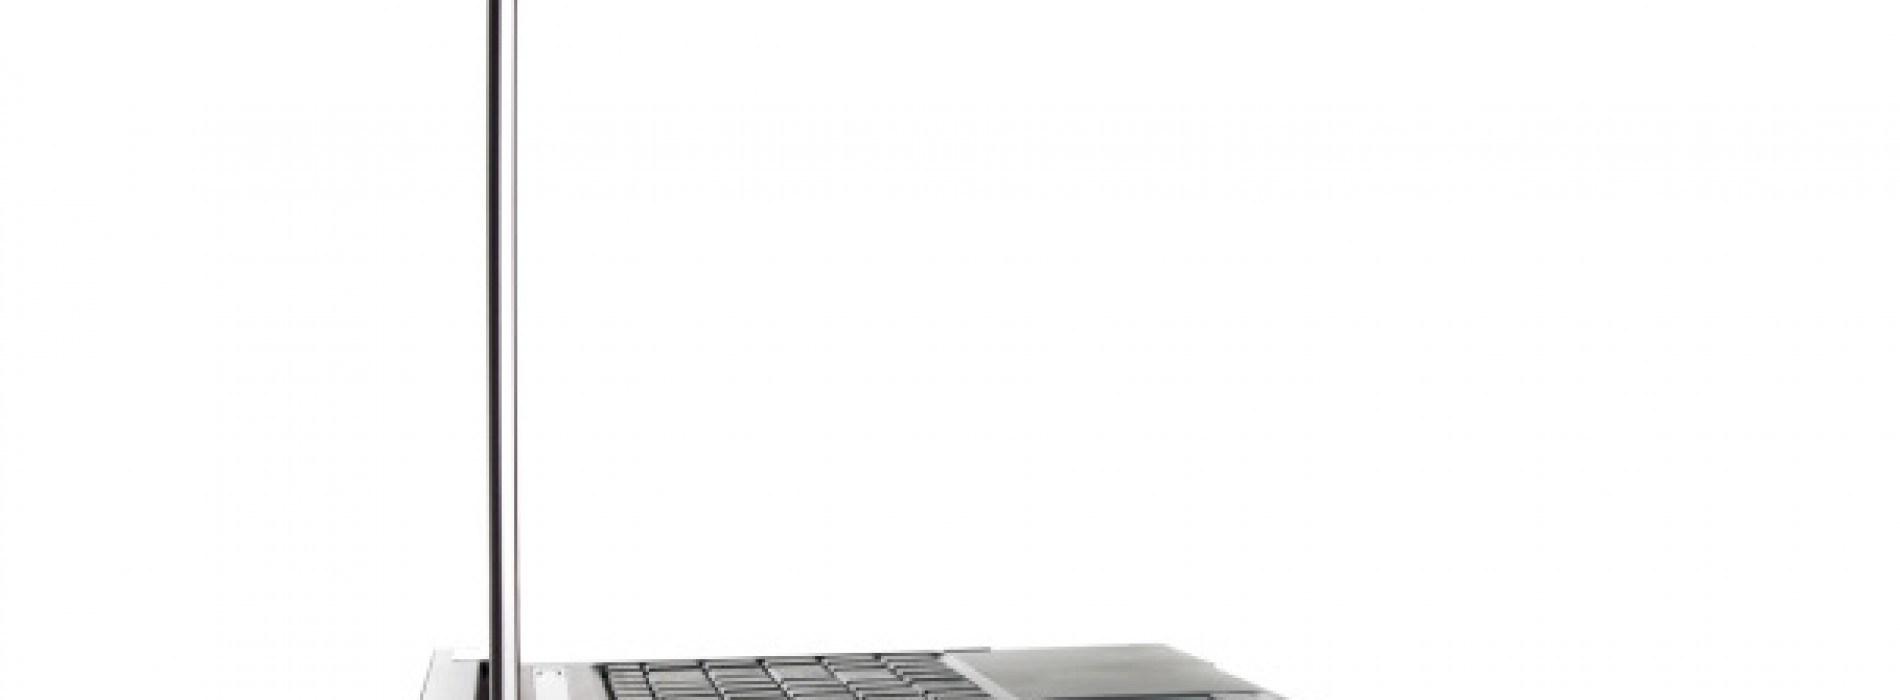 Dell Latitude 13, solo para profesionales